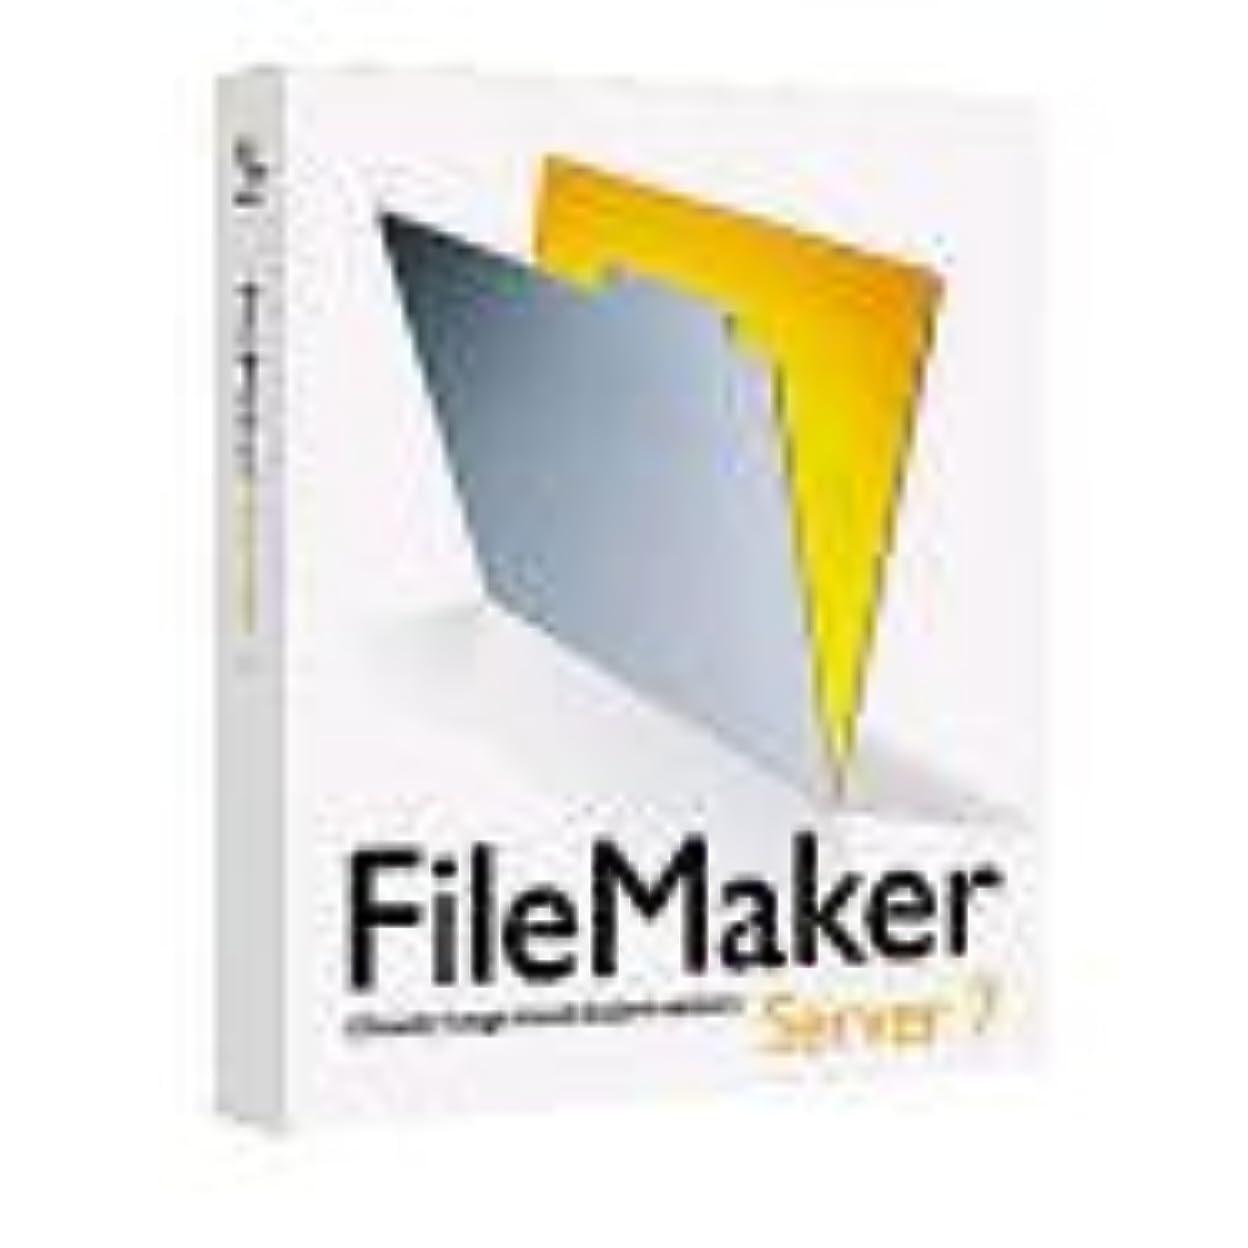 正直印象的な屈辱するFileMaker Server 7 Windows版